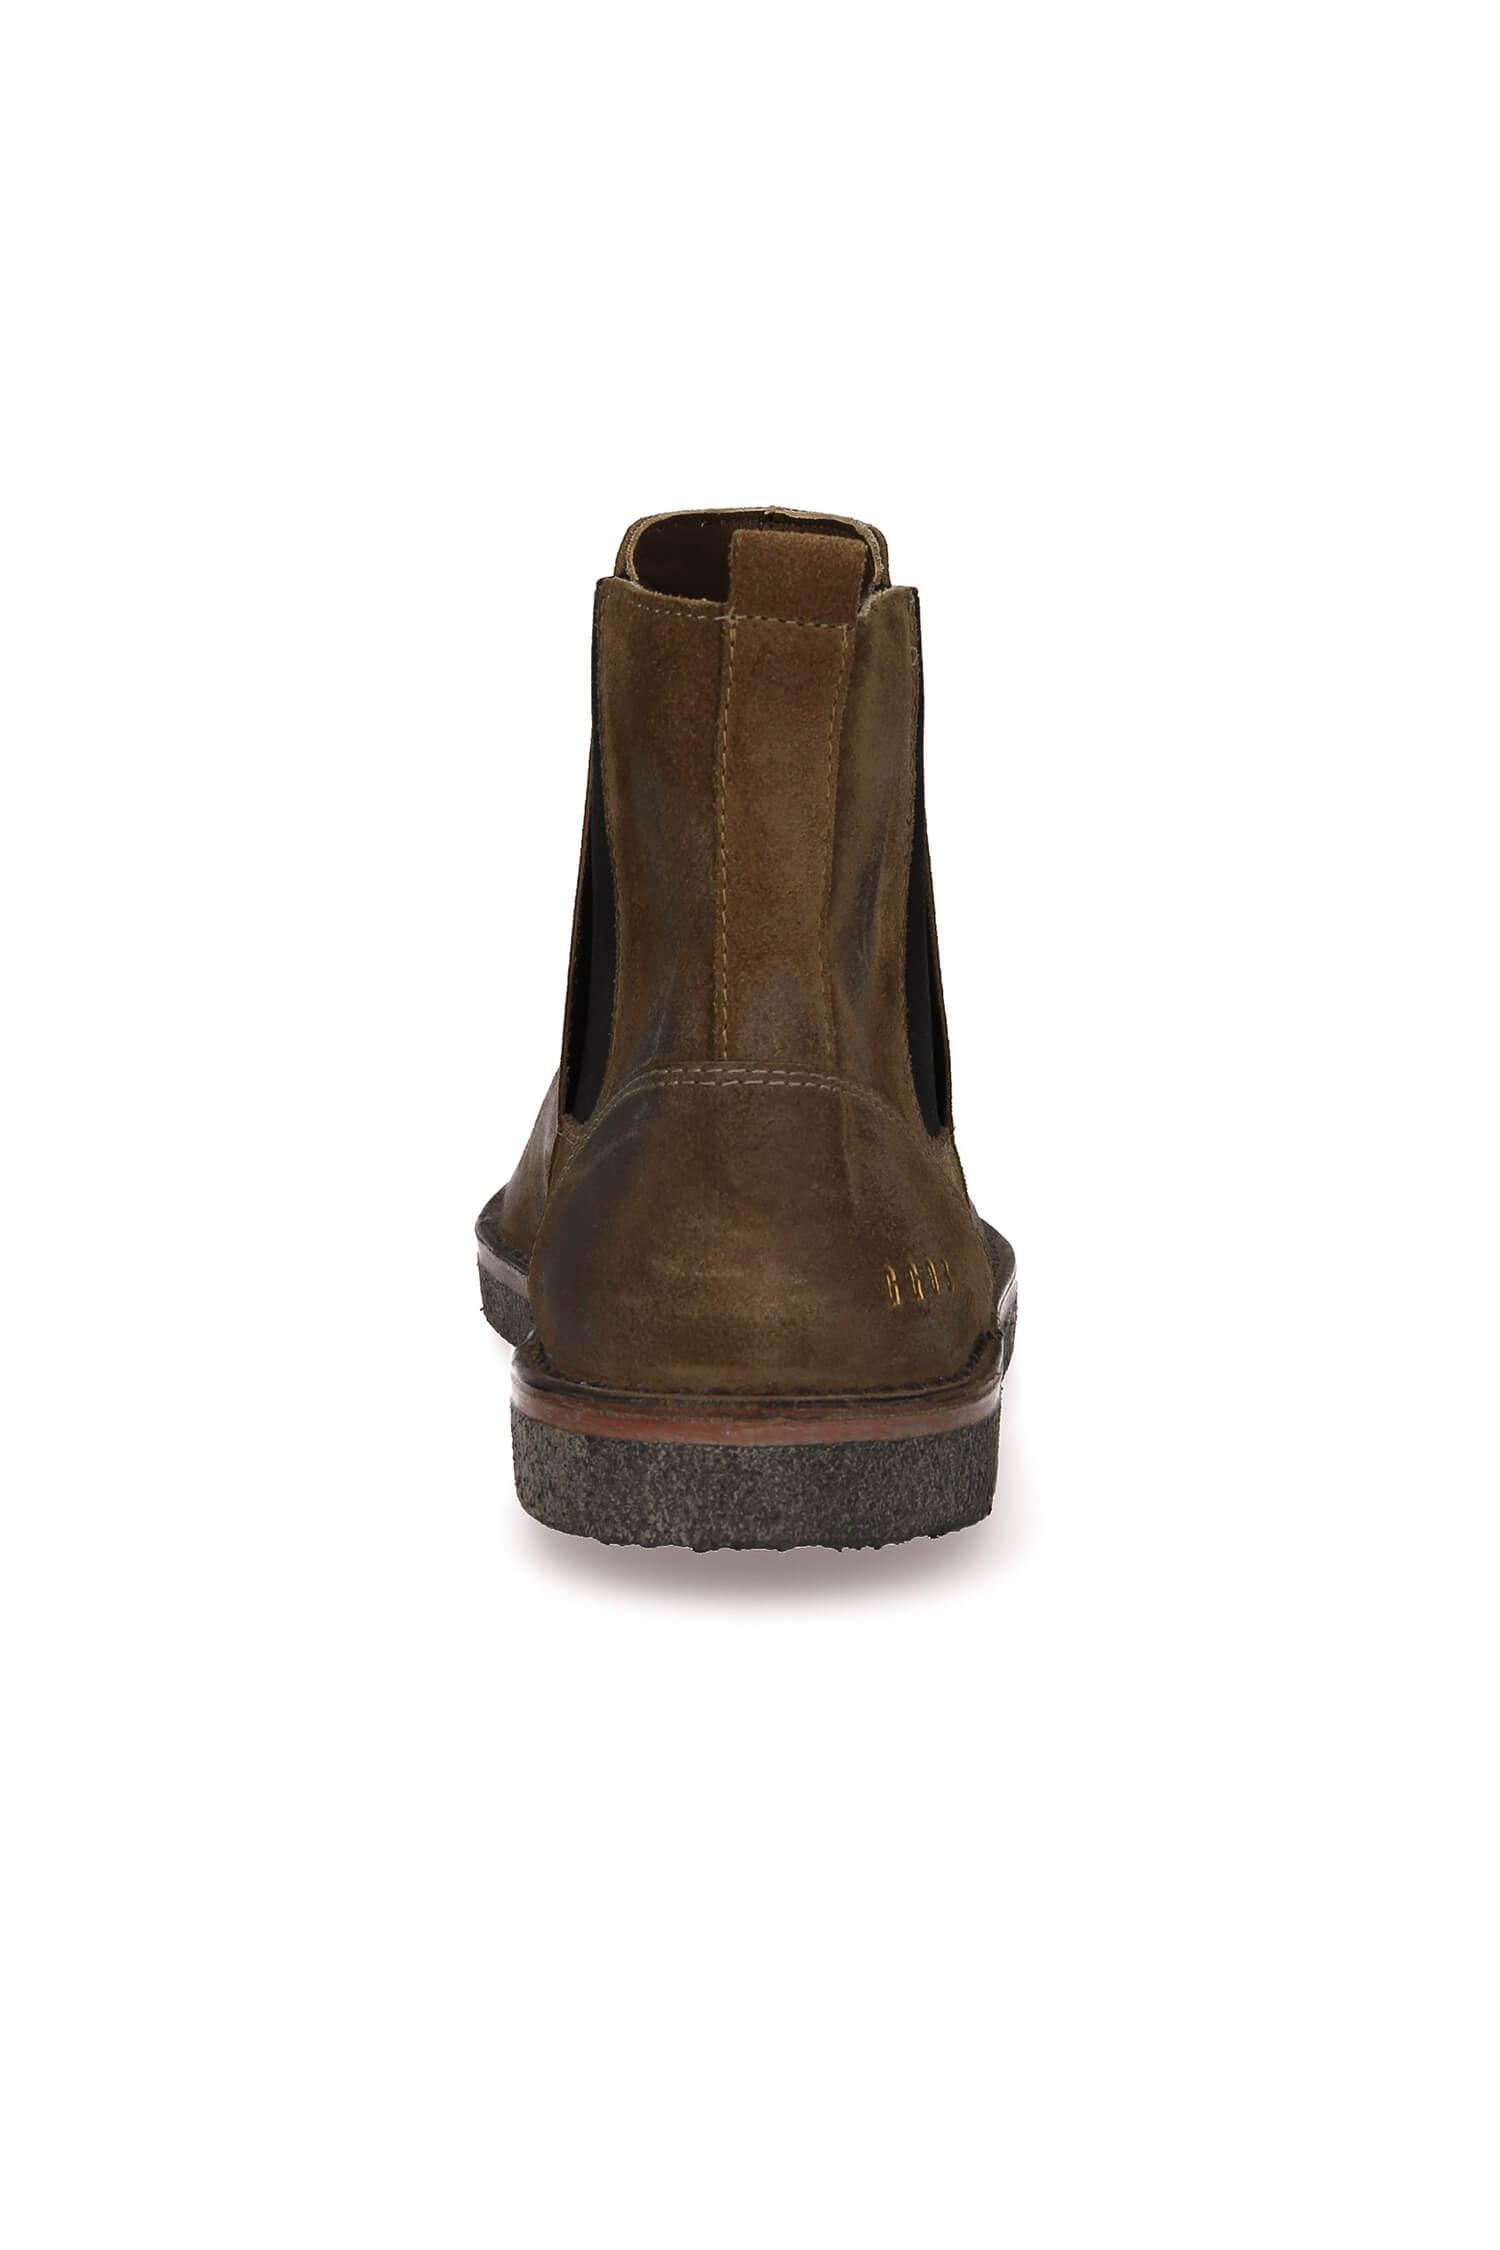 Boots Portmann Golden Goose